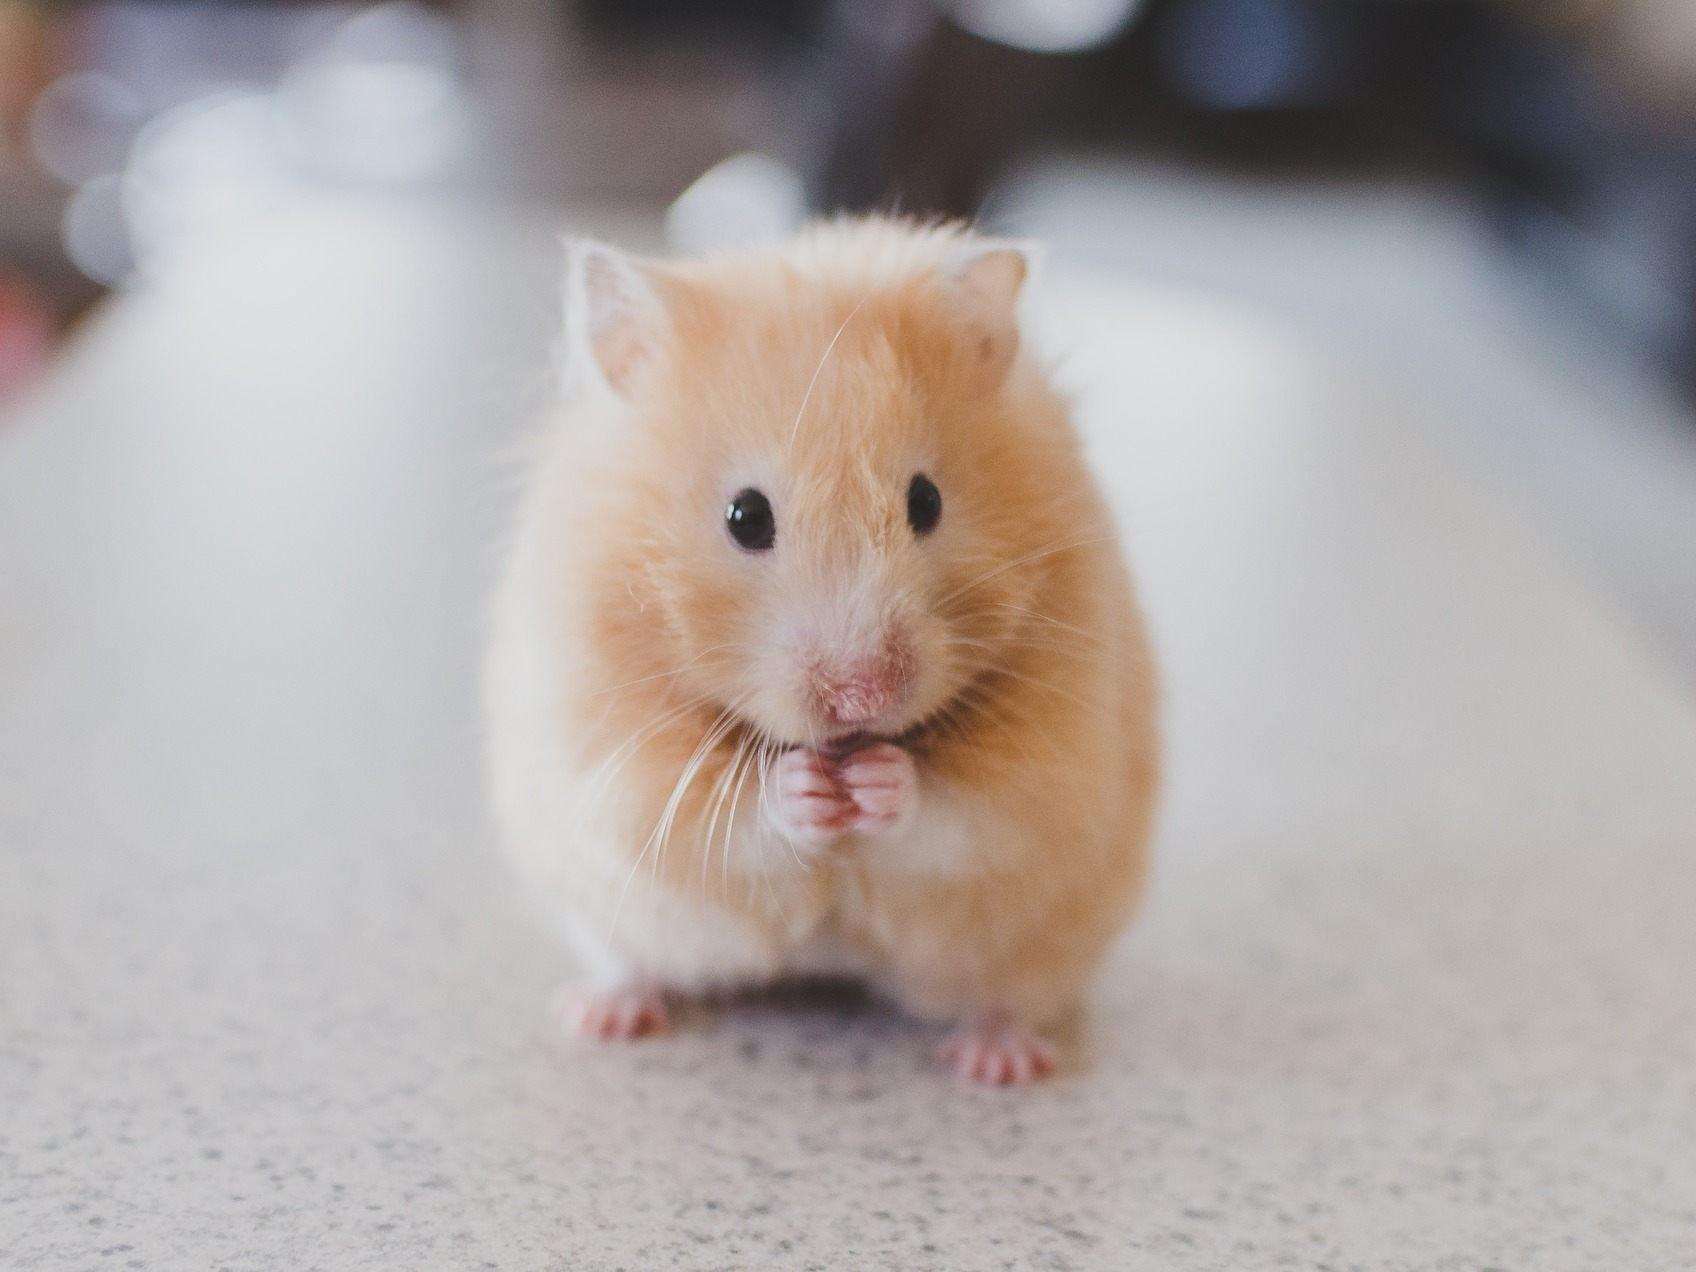 Hamster Fuss Abgetrennt 25 Jahriger Am Praterstern In Wien Verhaftet Vienna Online